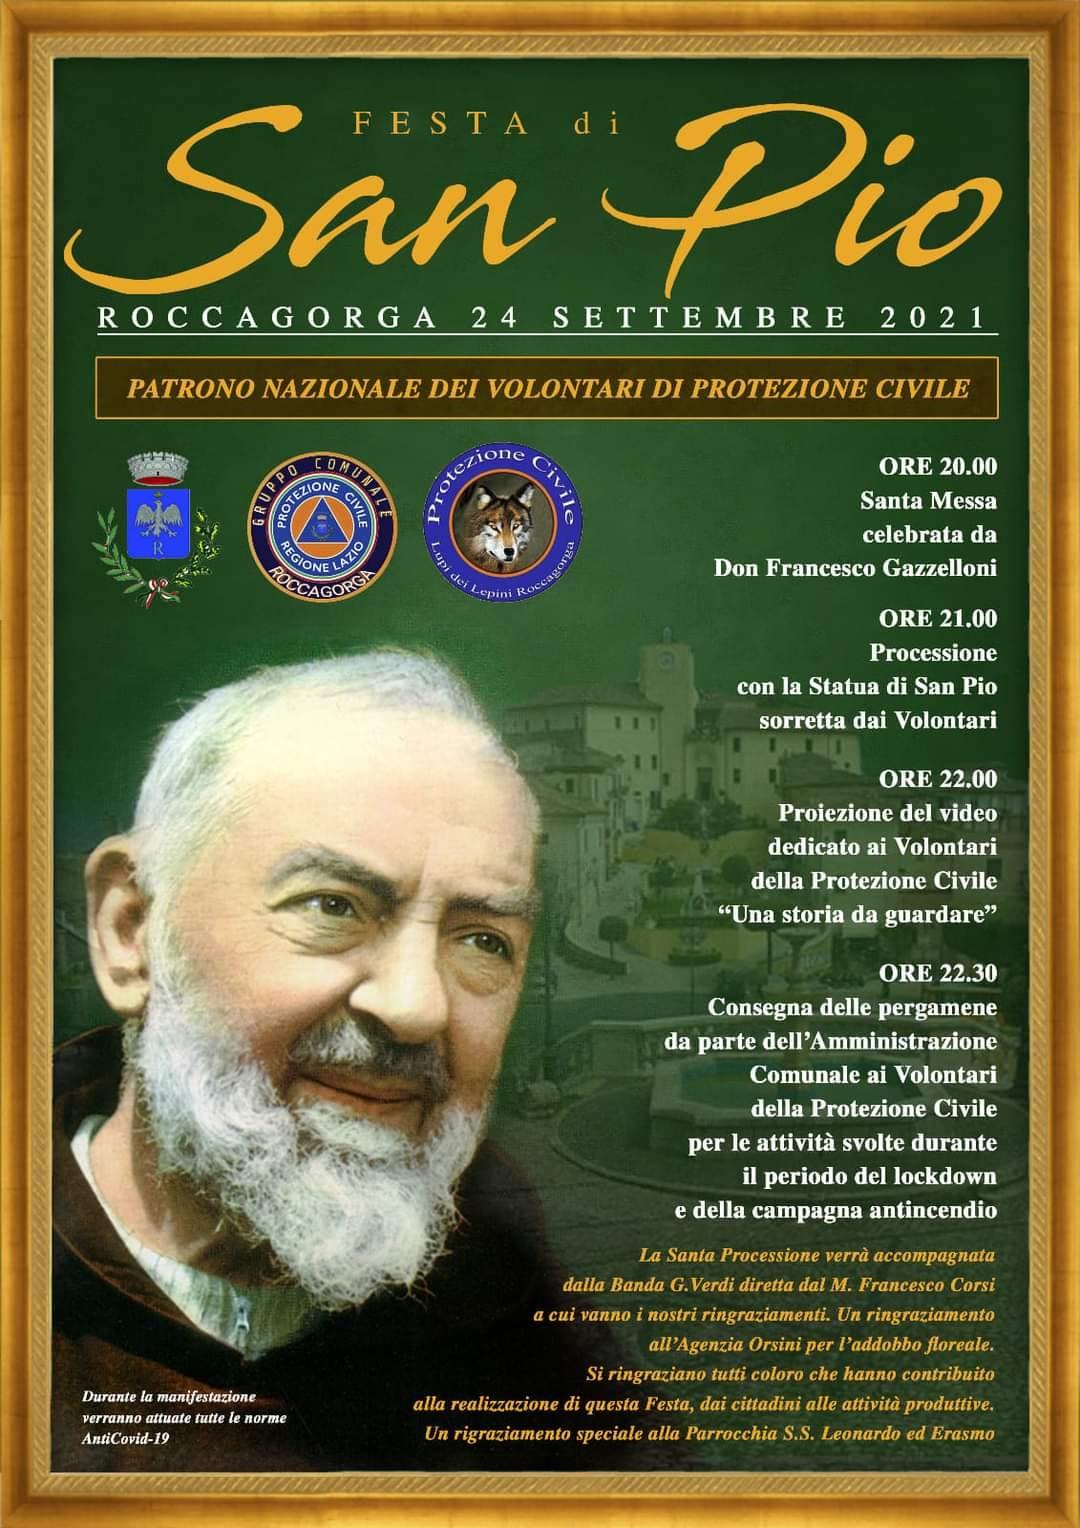 Roccagorga: Festa di Pio @ Roccagorga